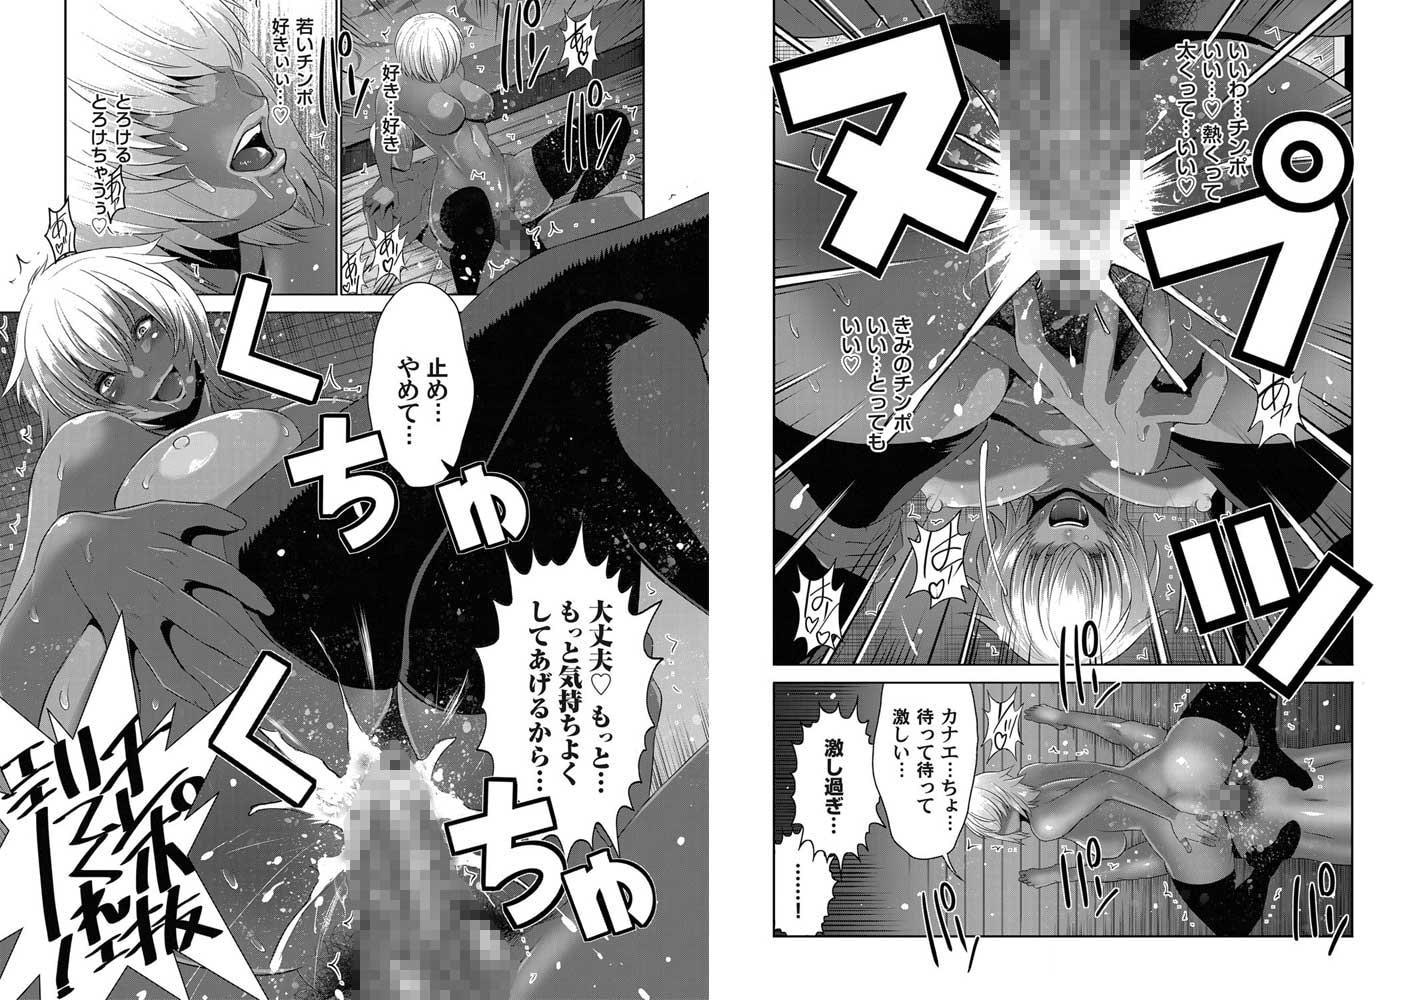 コミックマグナム Vol.109